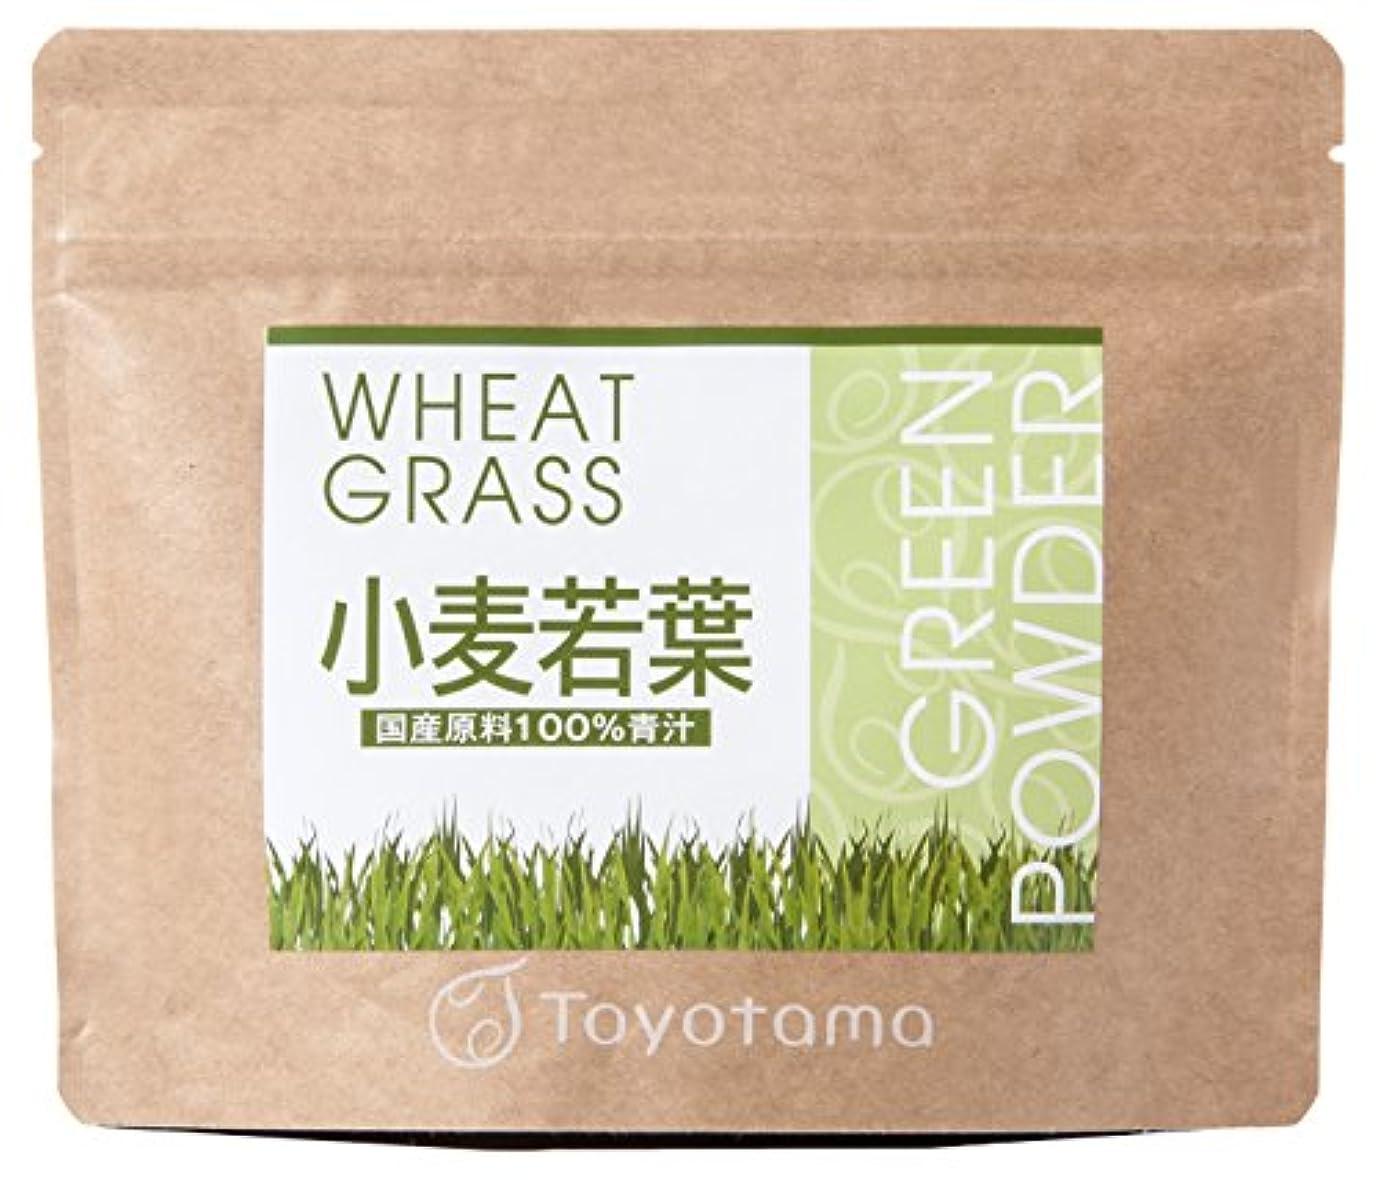 失敗とげカテゴリートヨタマ(TOYOTAMA) 国産小麦若葉100%青汁 90g (約30回分) 無添加 ピュアパウダー 1096314